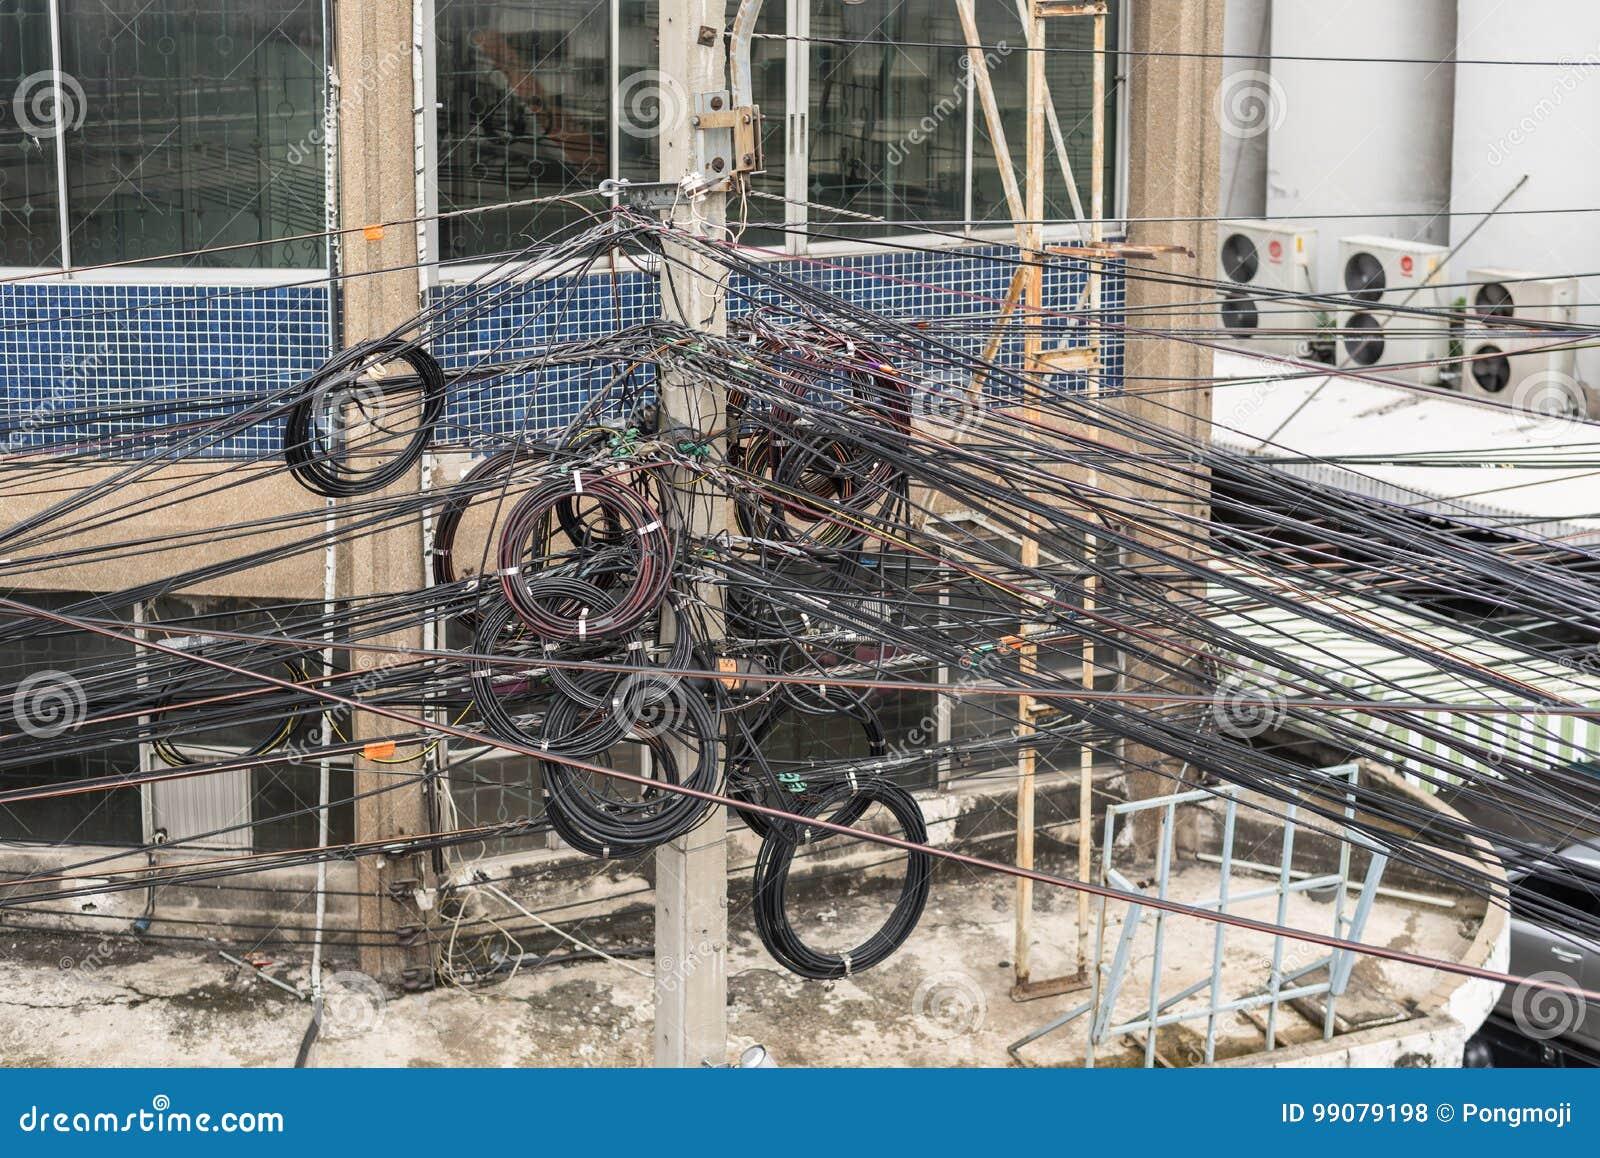 Fantastisch Rost Elektrische Drähte Fotos - Elektrische Schaltplan ...